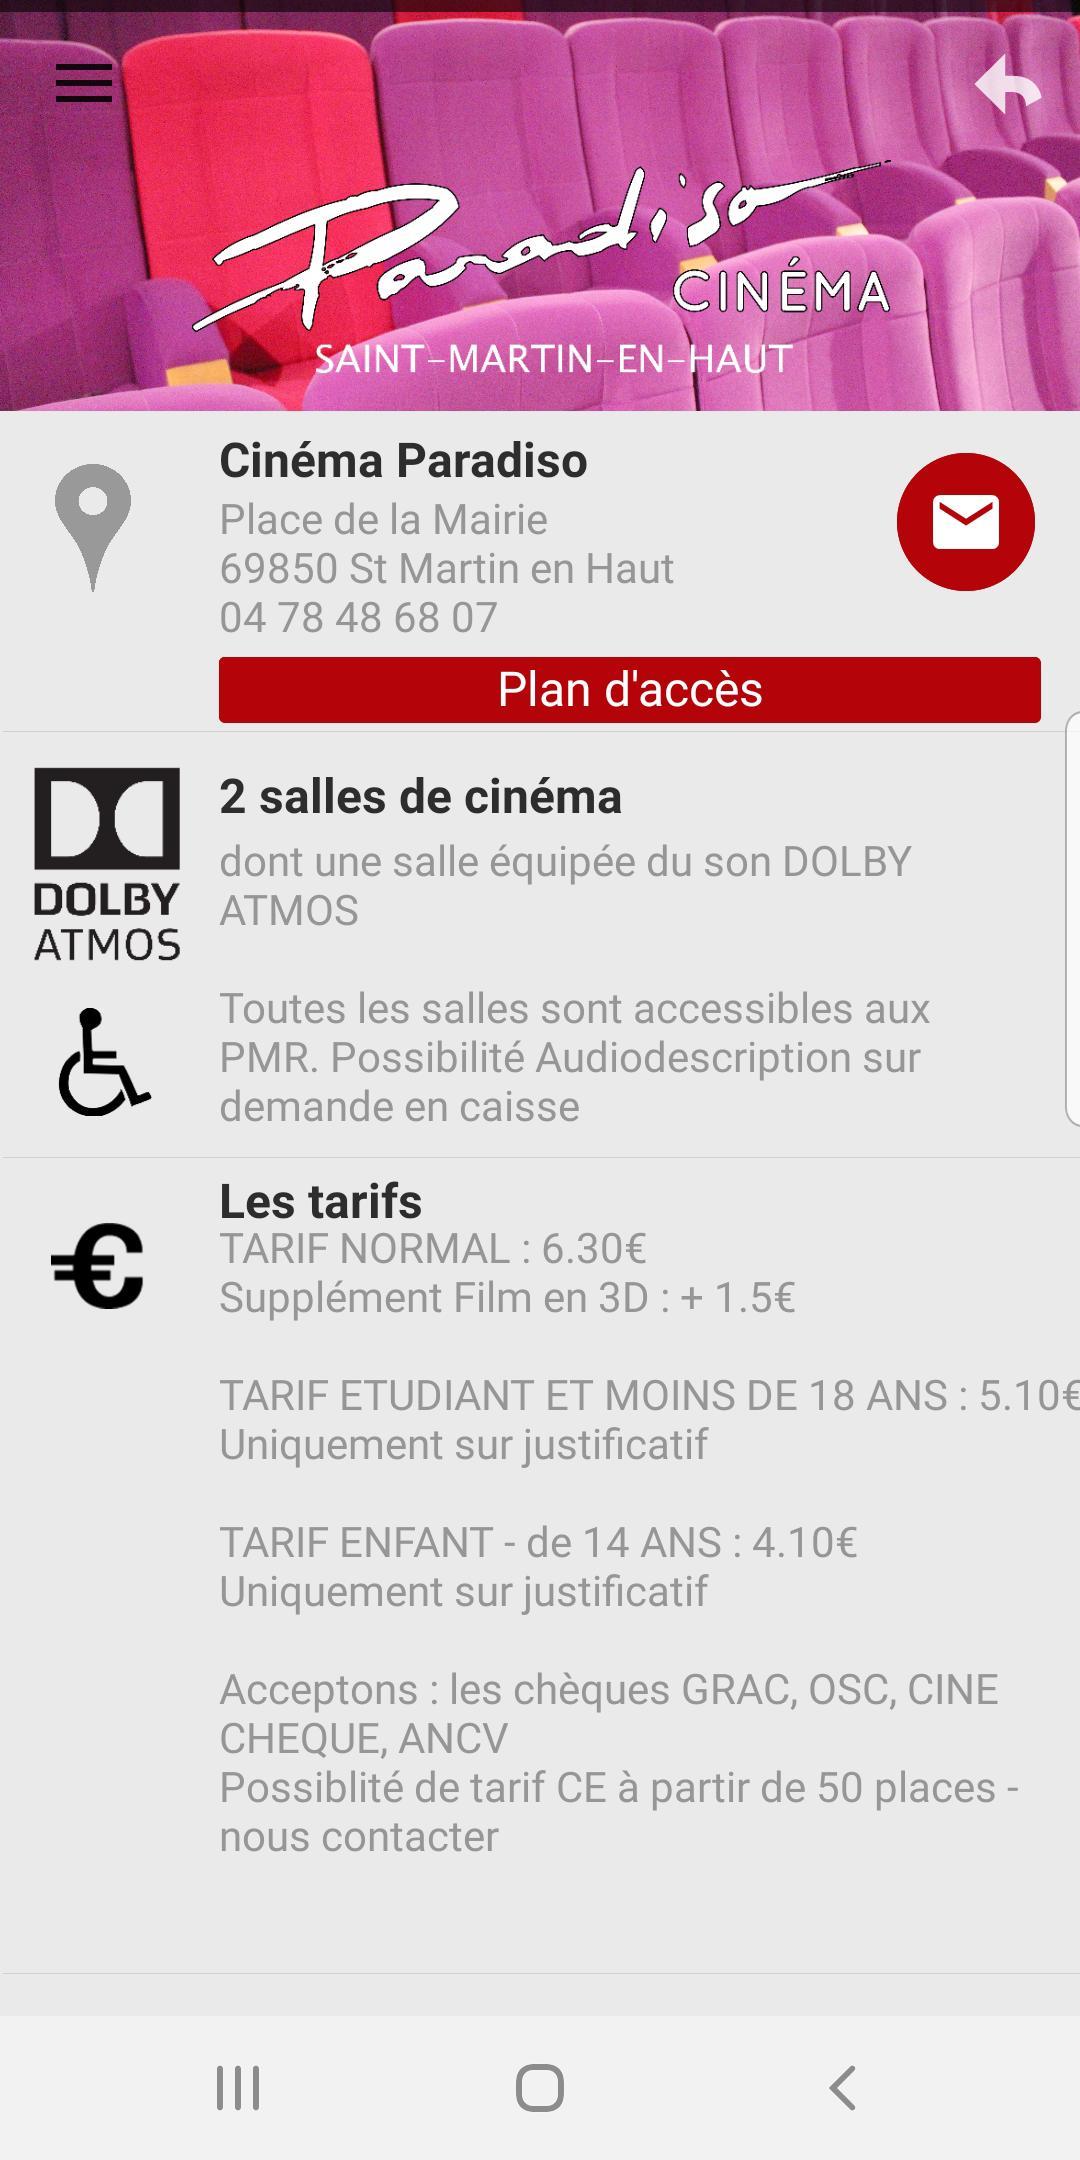 Cinéma Paradiso - Saint Martin en Haut for Android - APK Download